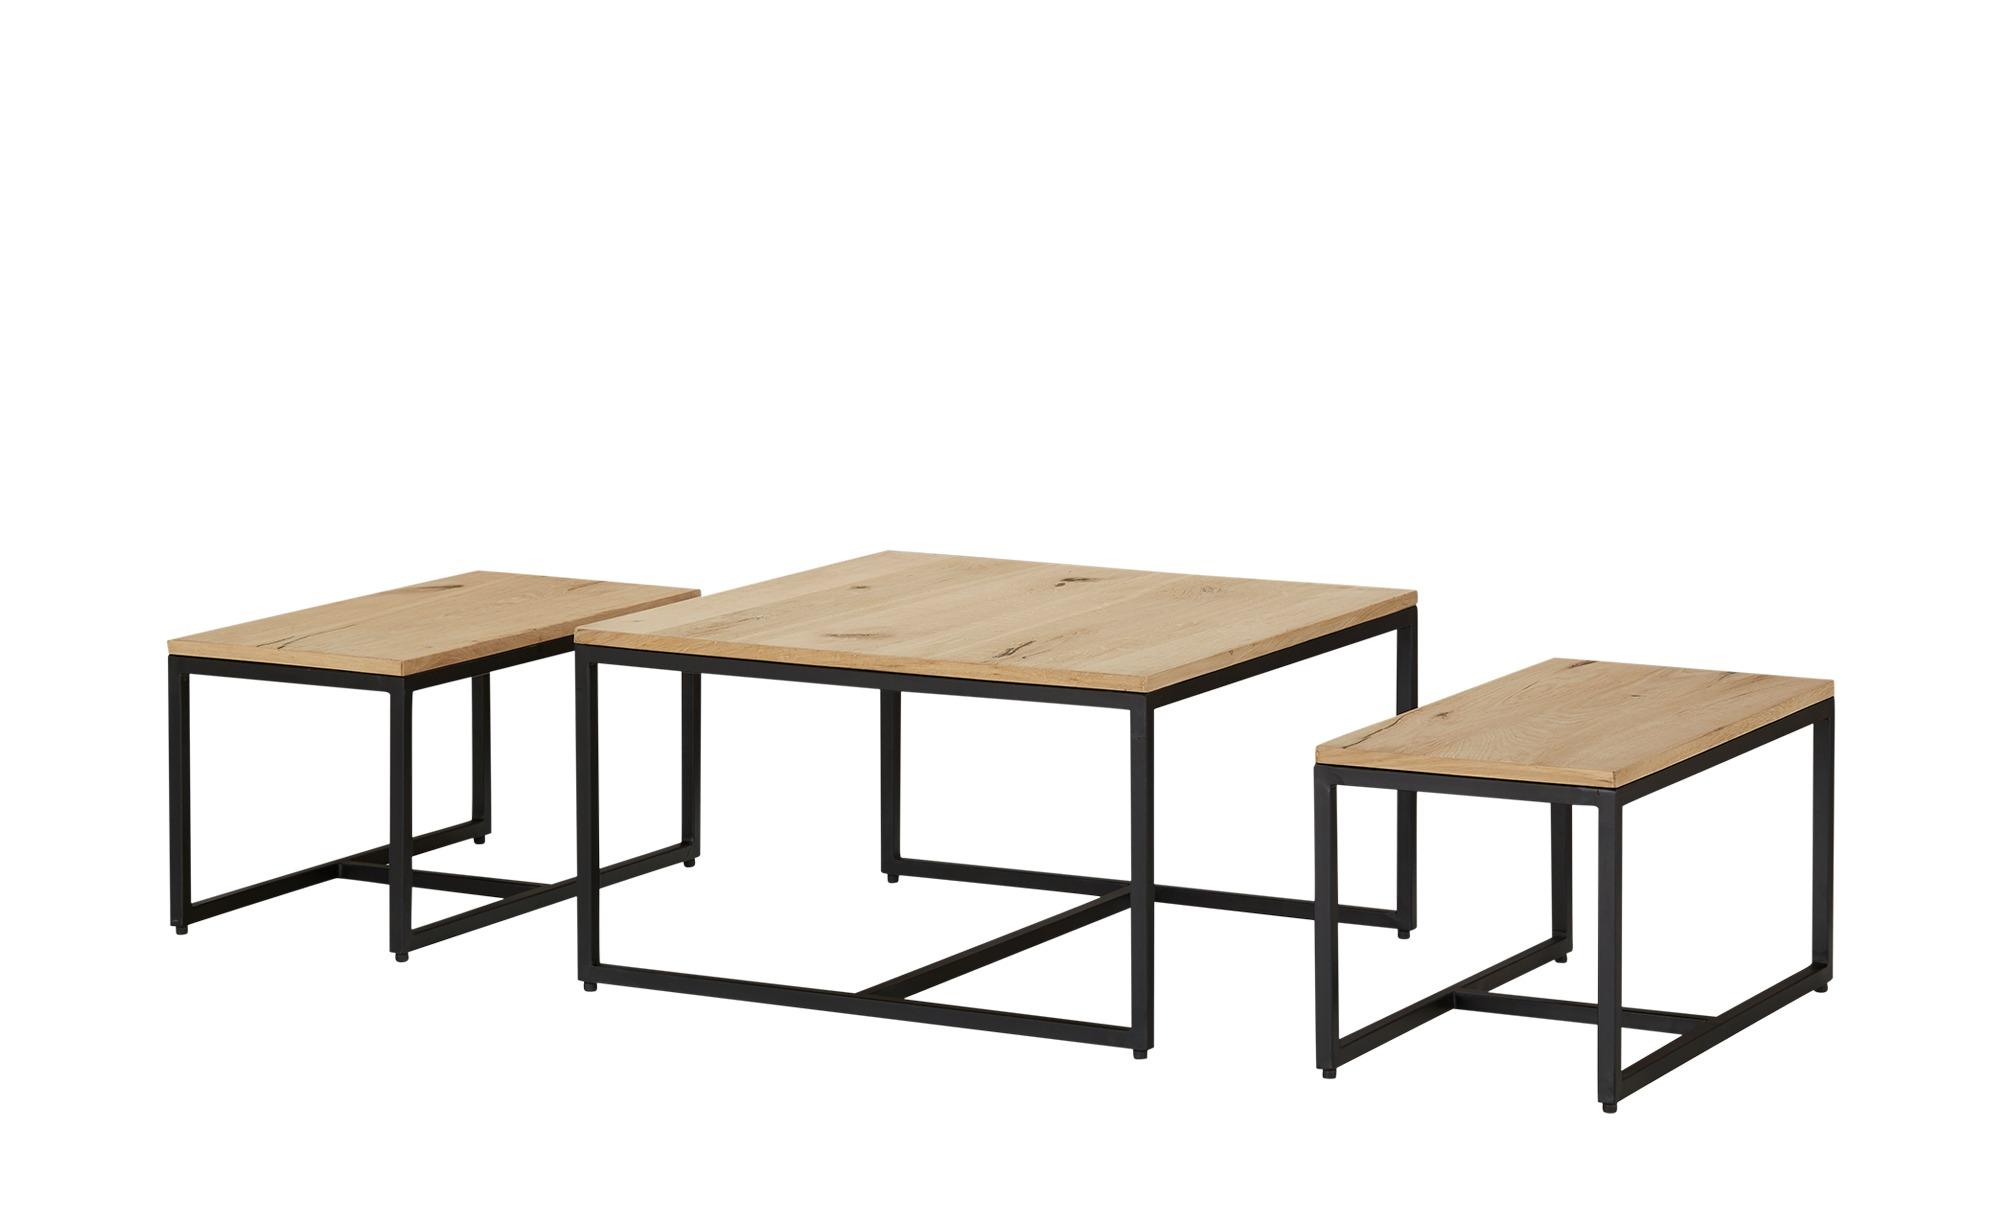 Couchtisch 3er- Set  Caprera ¦ holzfarben ¦ Maße (cm): B: 70 H: 40 Tische > Couchtische > Couchtische rechteckig - Höffner